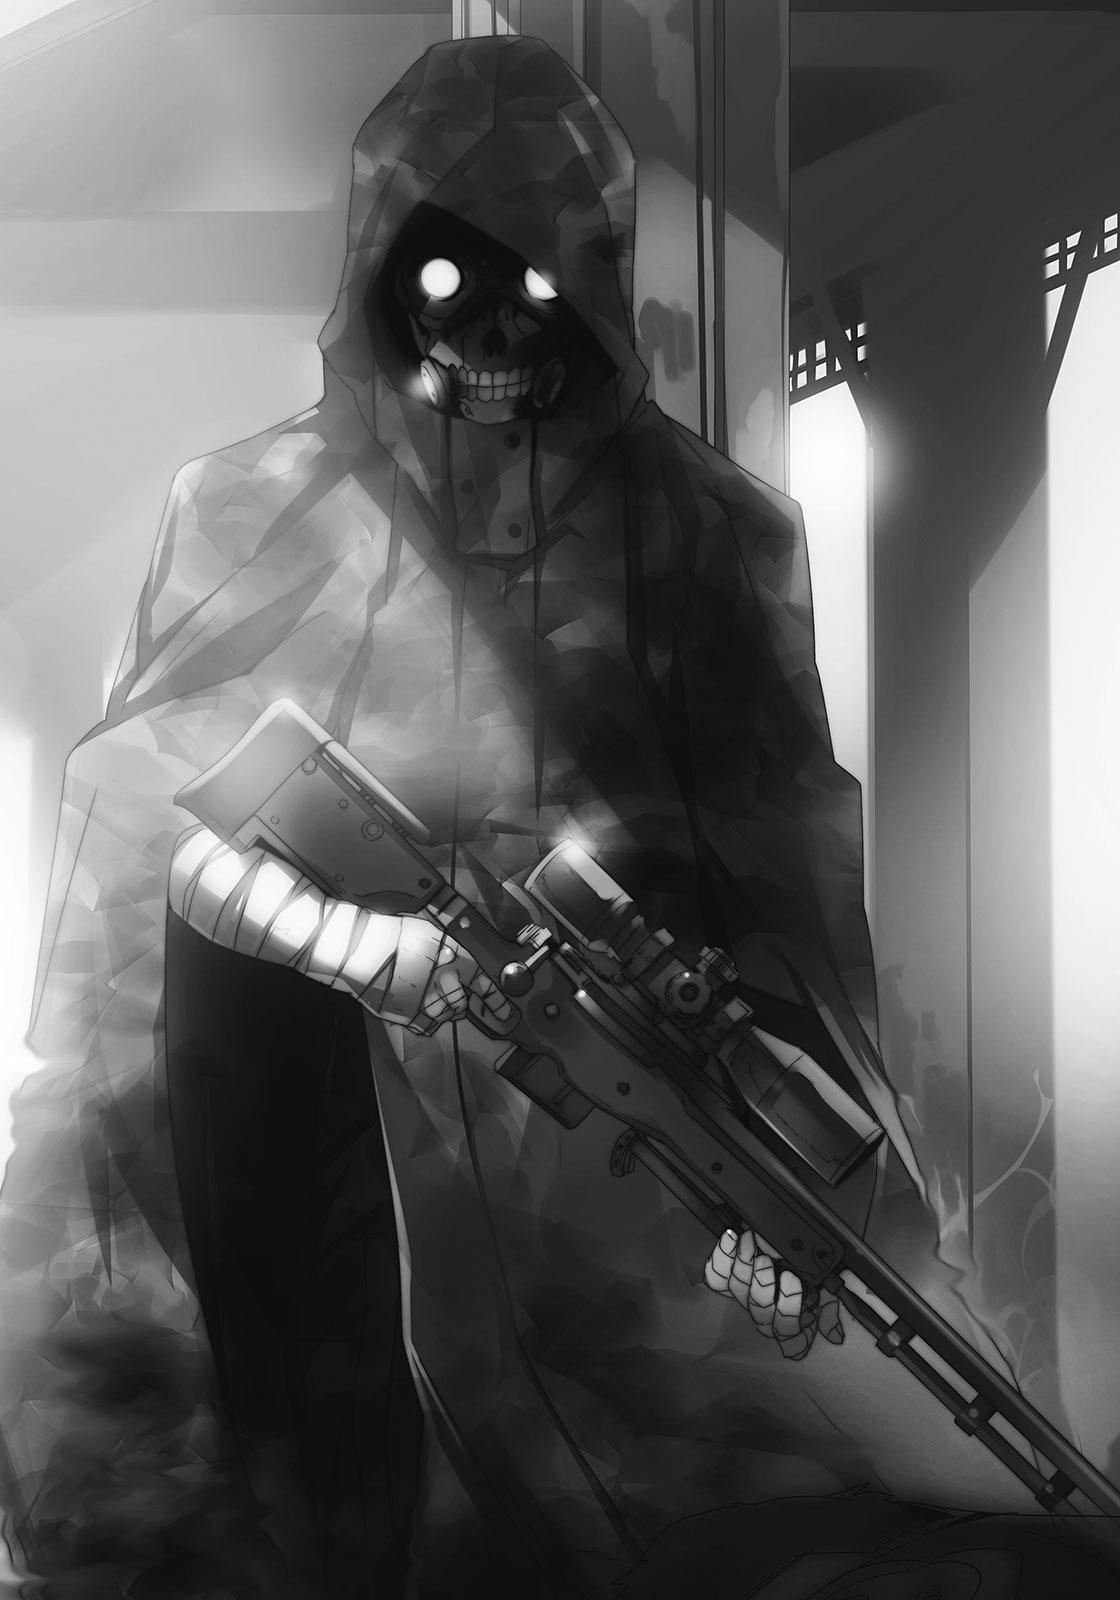 Sniper Assassin (Musketeer) (PvP) (by: Shinigami Kira) - Skill